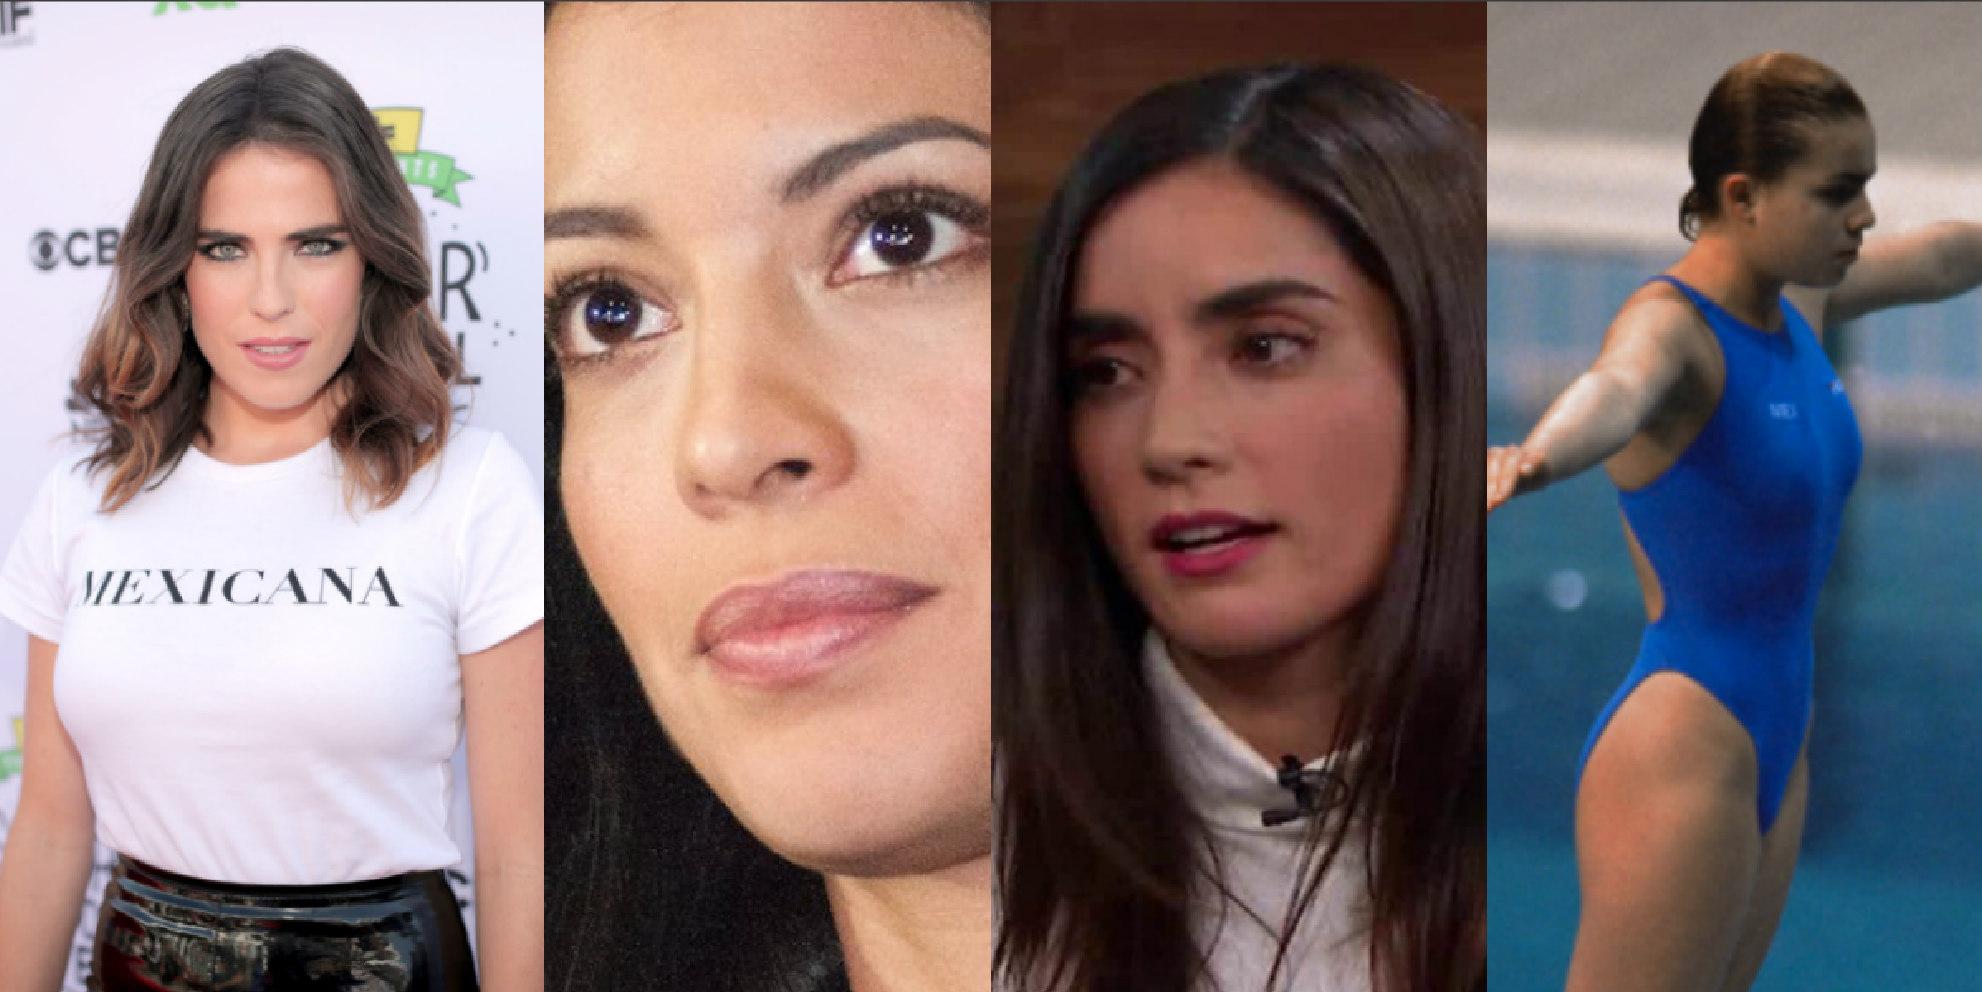 Actrices Karla Souza, Stephanie Sigman y Paola Núñez y la clavadista olímpica Azul Almazán